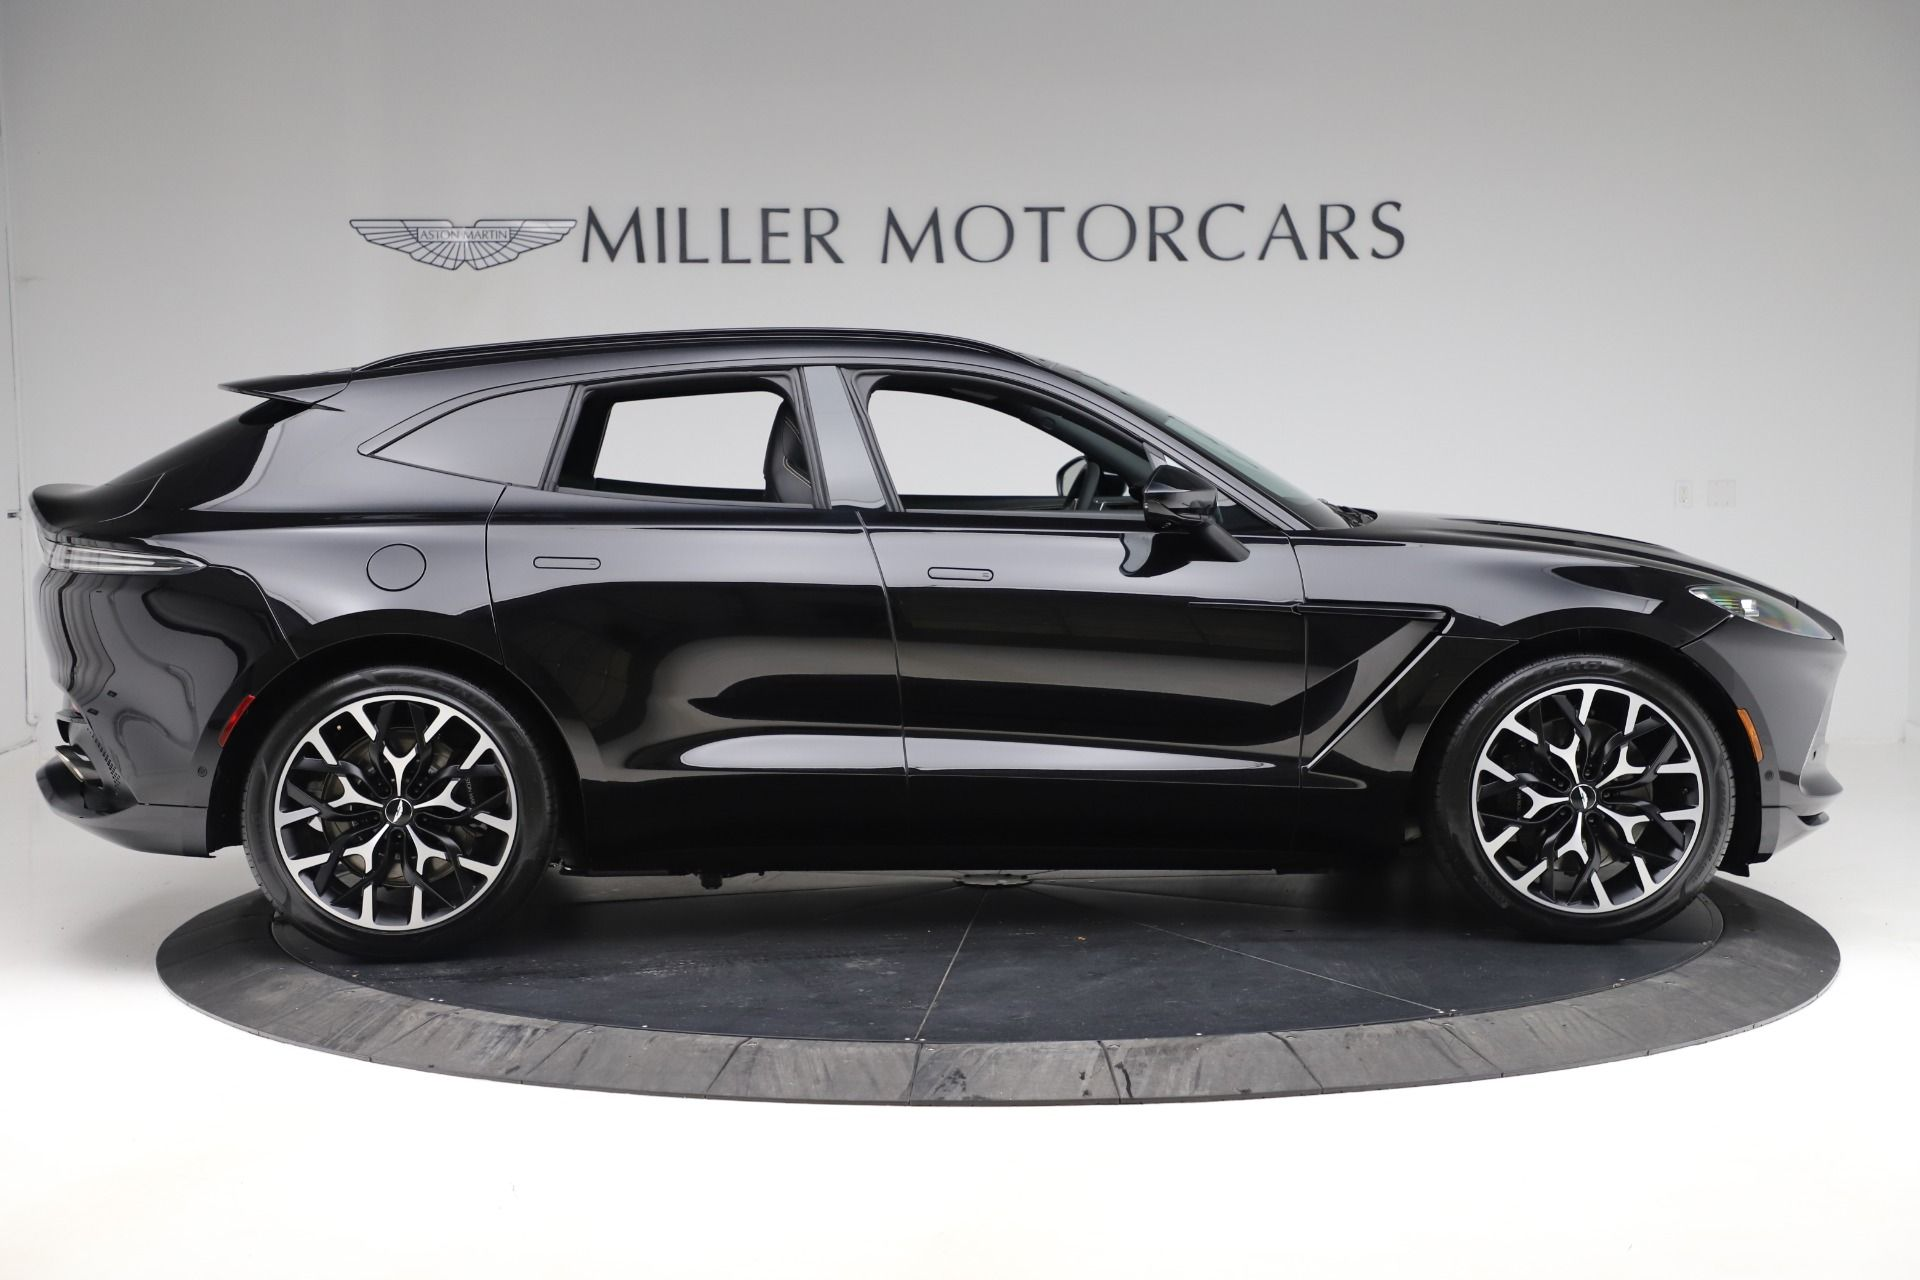 2020 Aston Martin Dbx Suv Miller Motorcars United States For Sale On Luxurypulse Aston Martin New Luxury Cars Aston